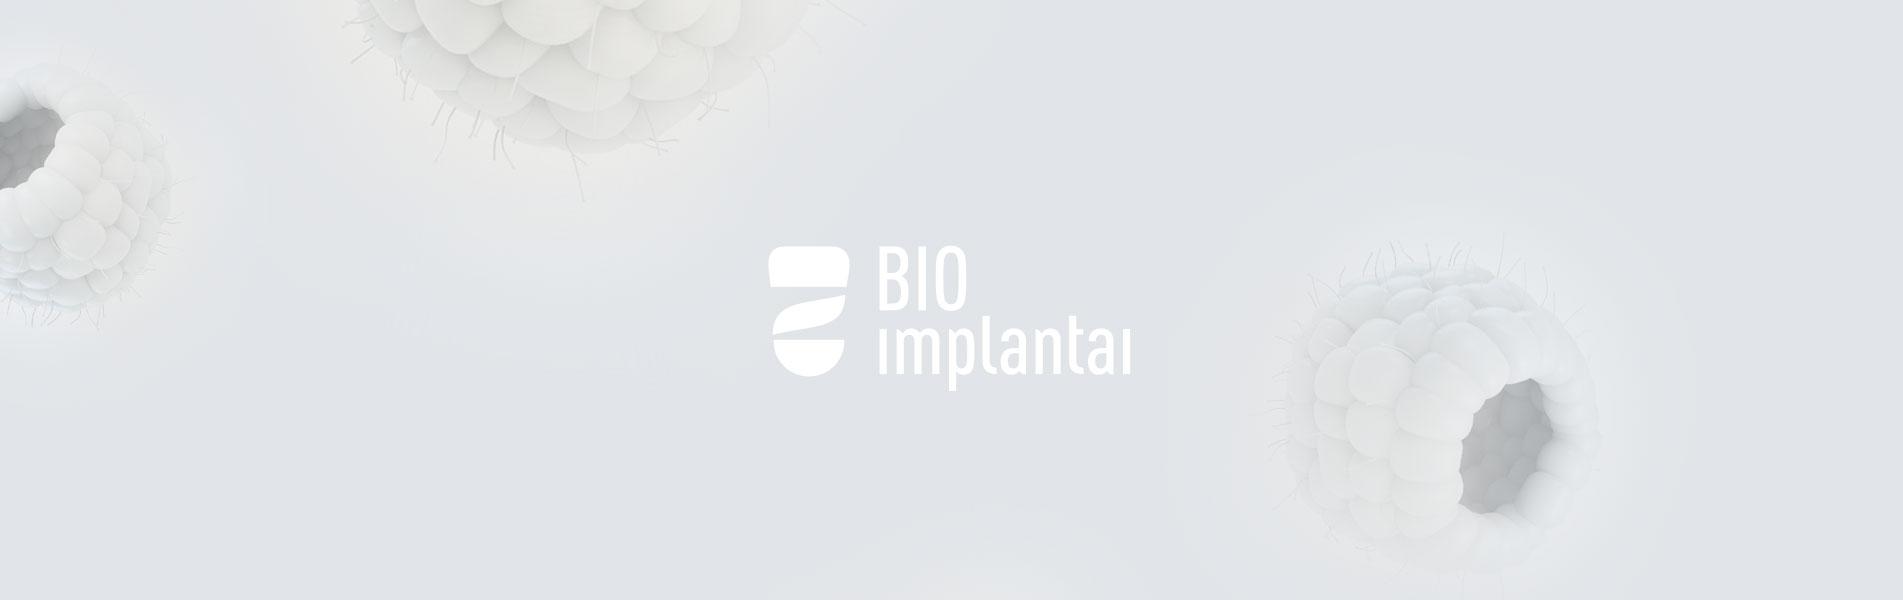 Bio implantai